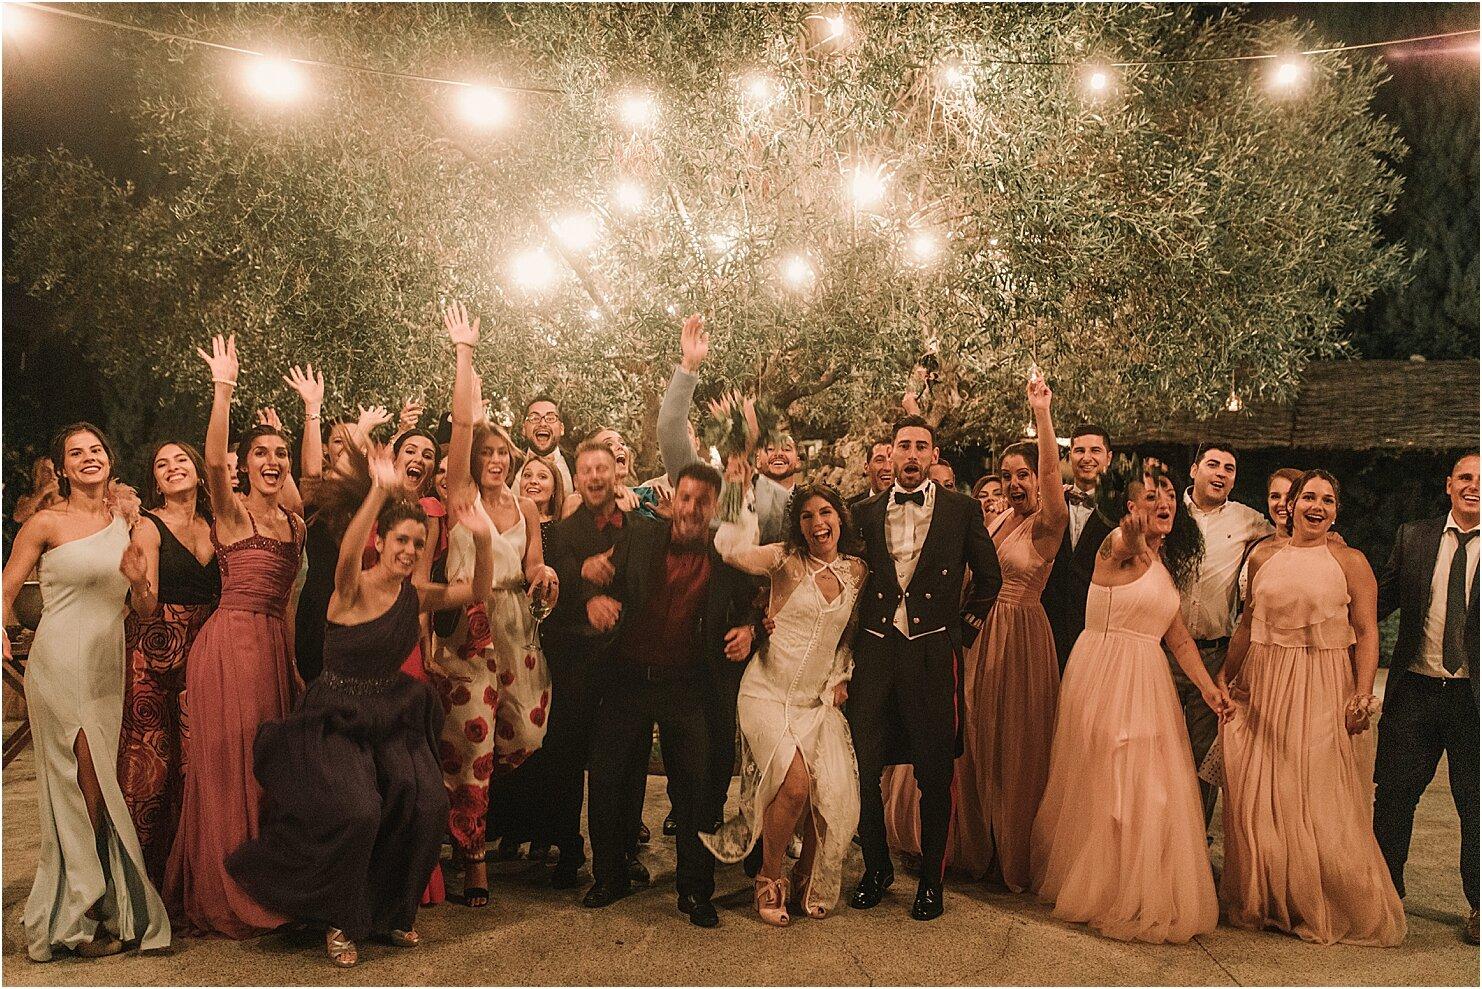 boda-romantica-boda-boho-vestido-de-novia-laura-lomas56.jpg